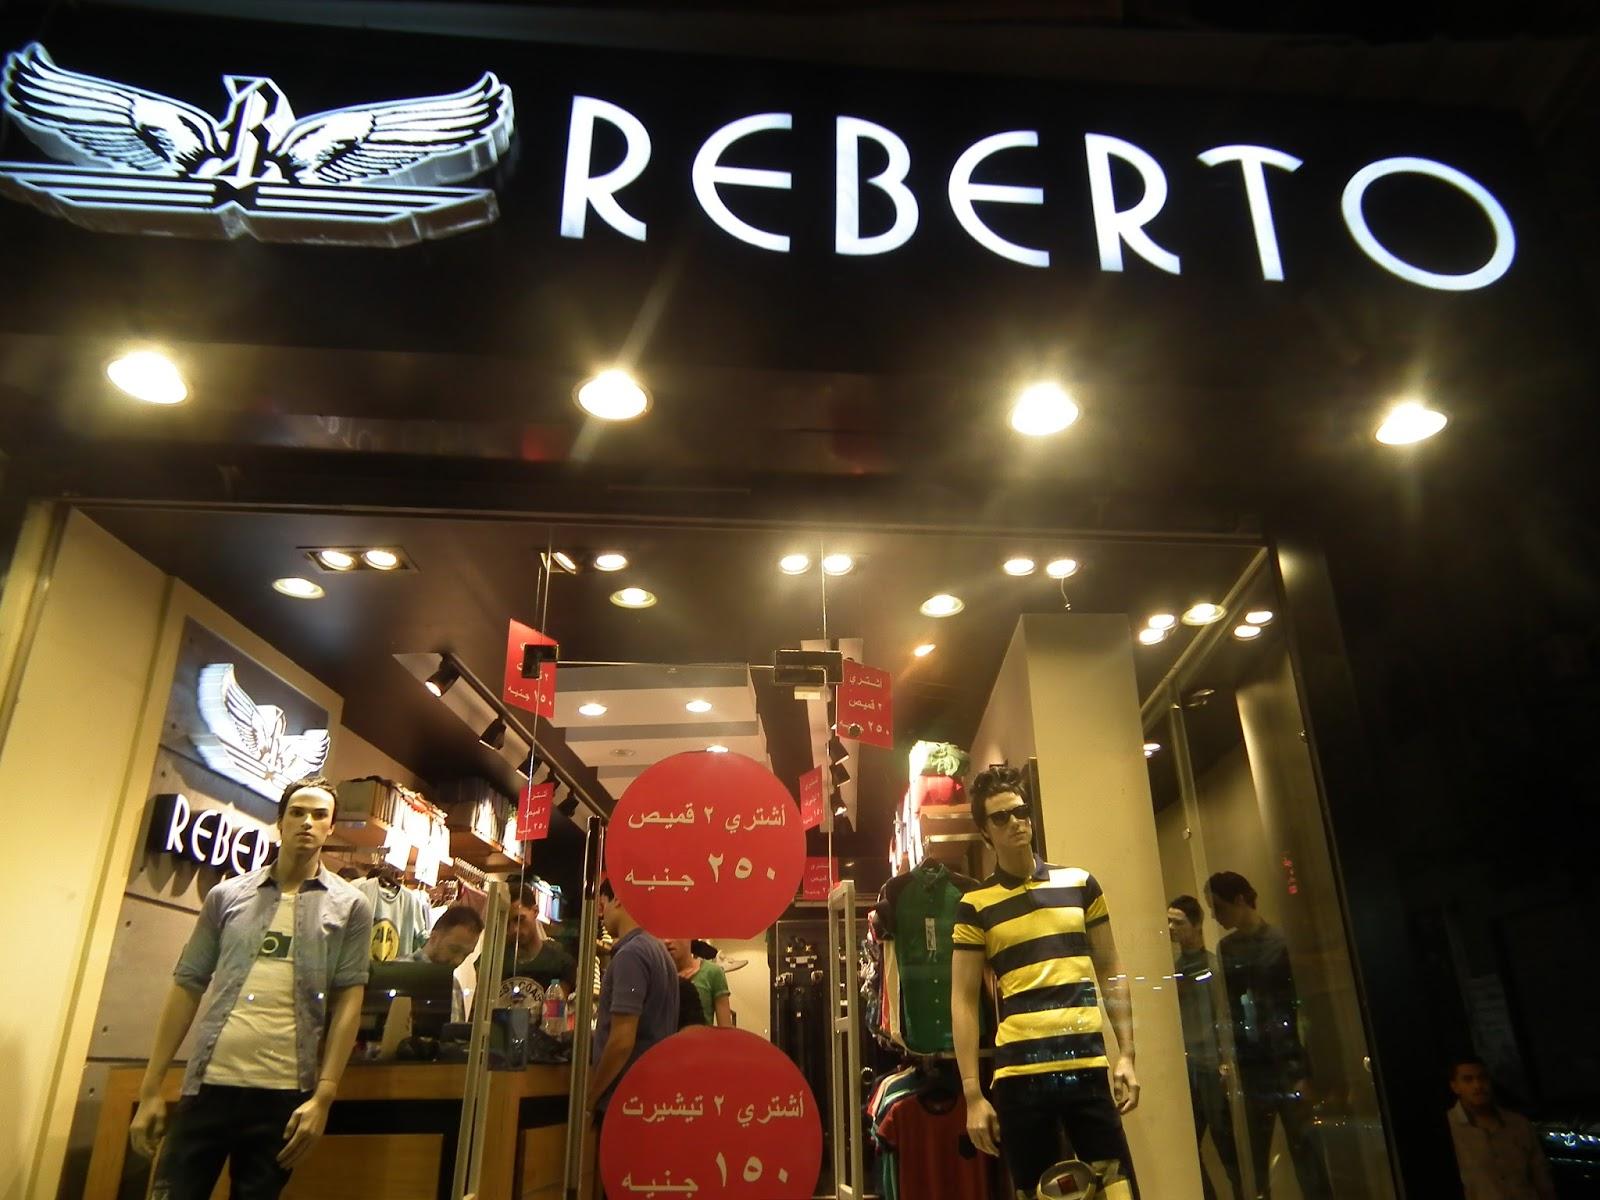 بالصور محلات ملابس , اجدد اماكن لبيع الملابس 3274 10